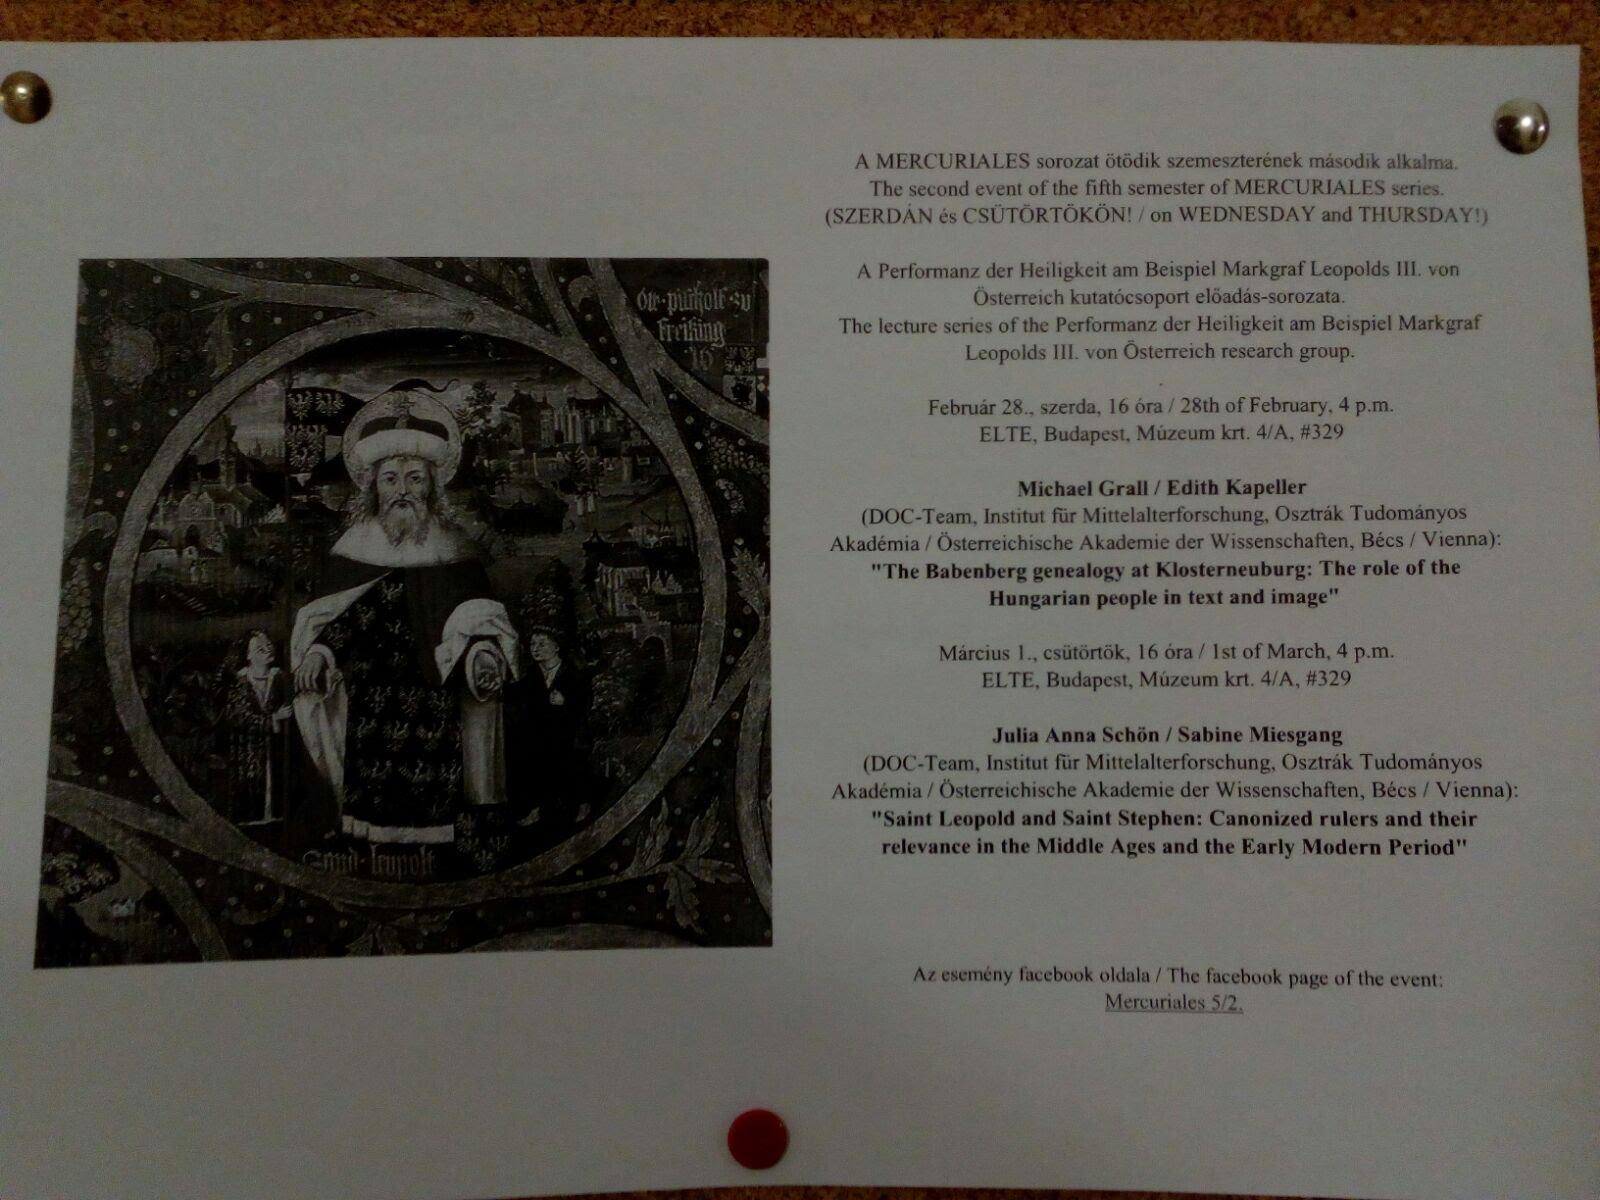 Vortrag in Budapest - Einladung